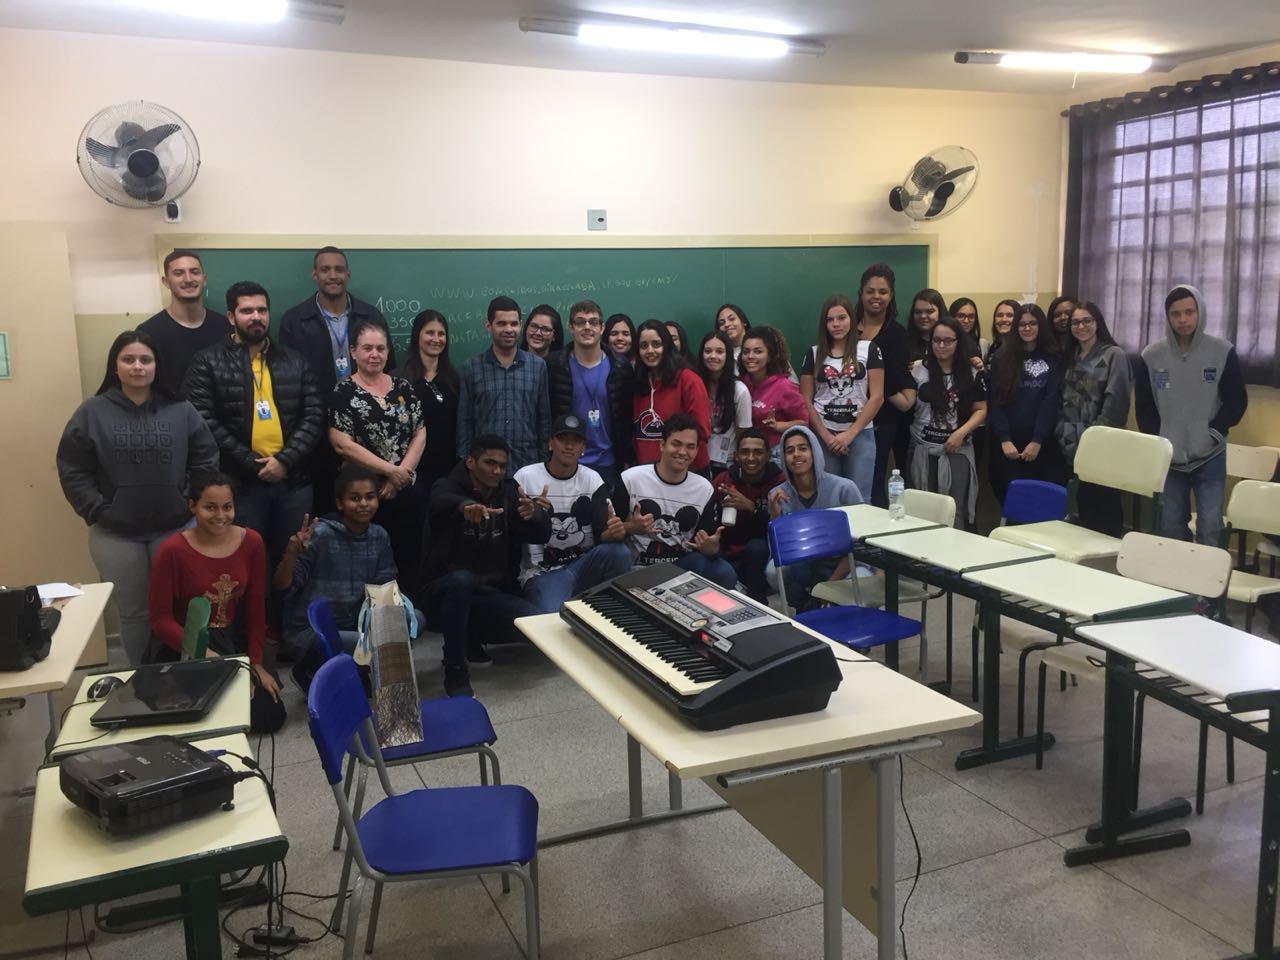 Palestra sobre Inclusão Social, ocorrida no dia 27/08/18 na E.E. Attilio Vidal Lafratta.